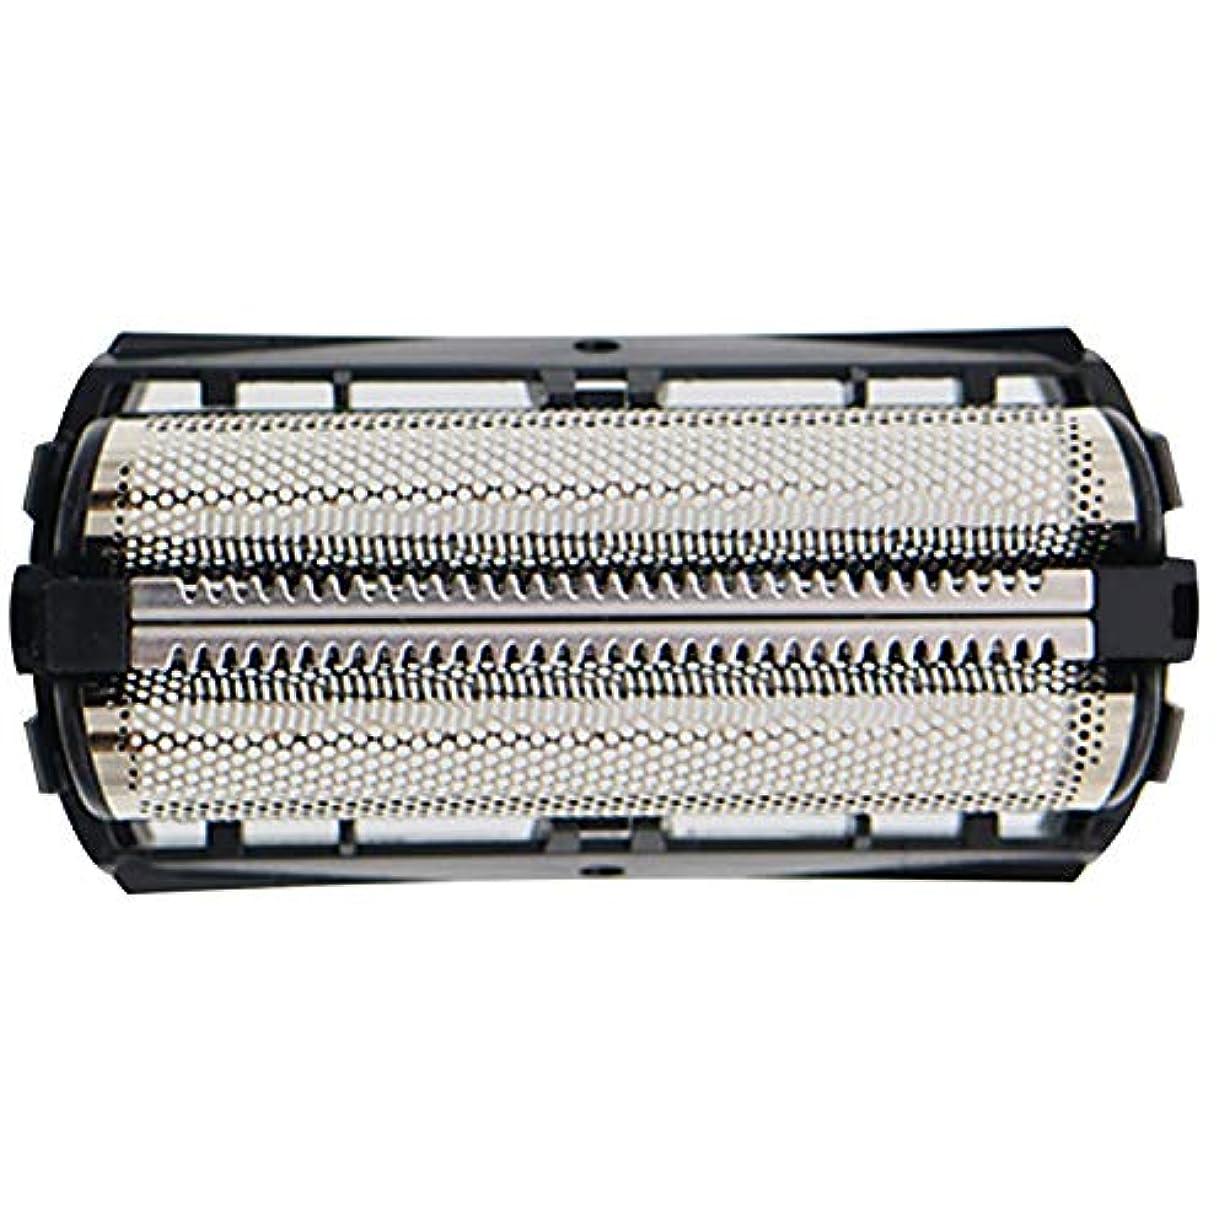 良心的ラックダースWyFun シェーバー替刃 適用 フィリップスQC5550用交換シェーバーフォイル/カッターユニットシェーバーヘッドQC5580メンズトリマー用回転ブレード